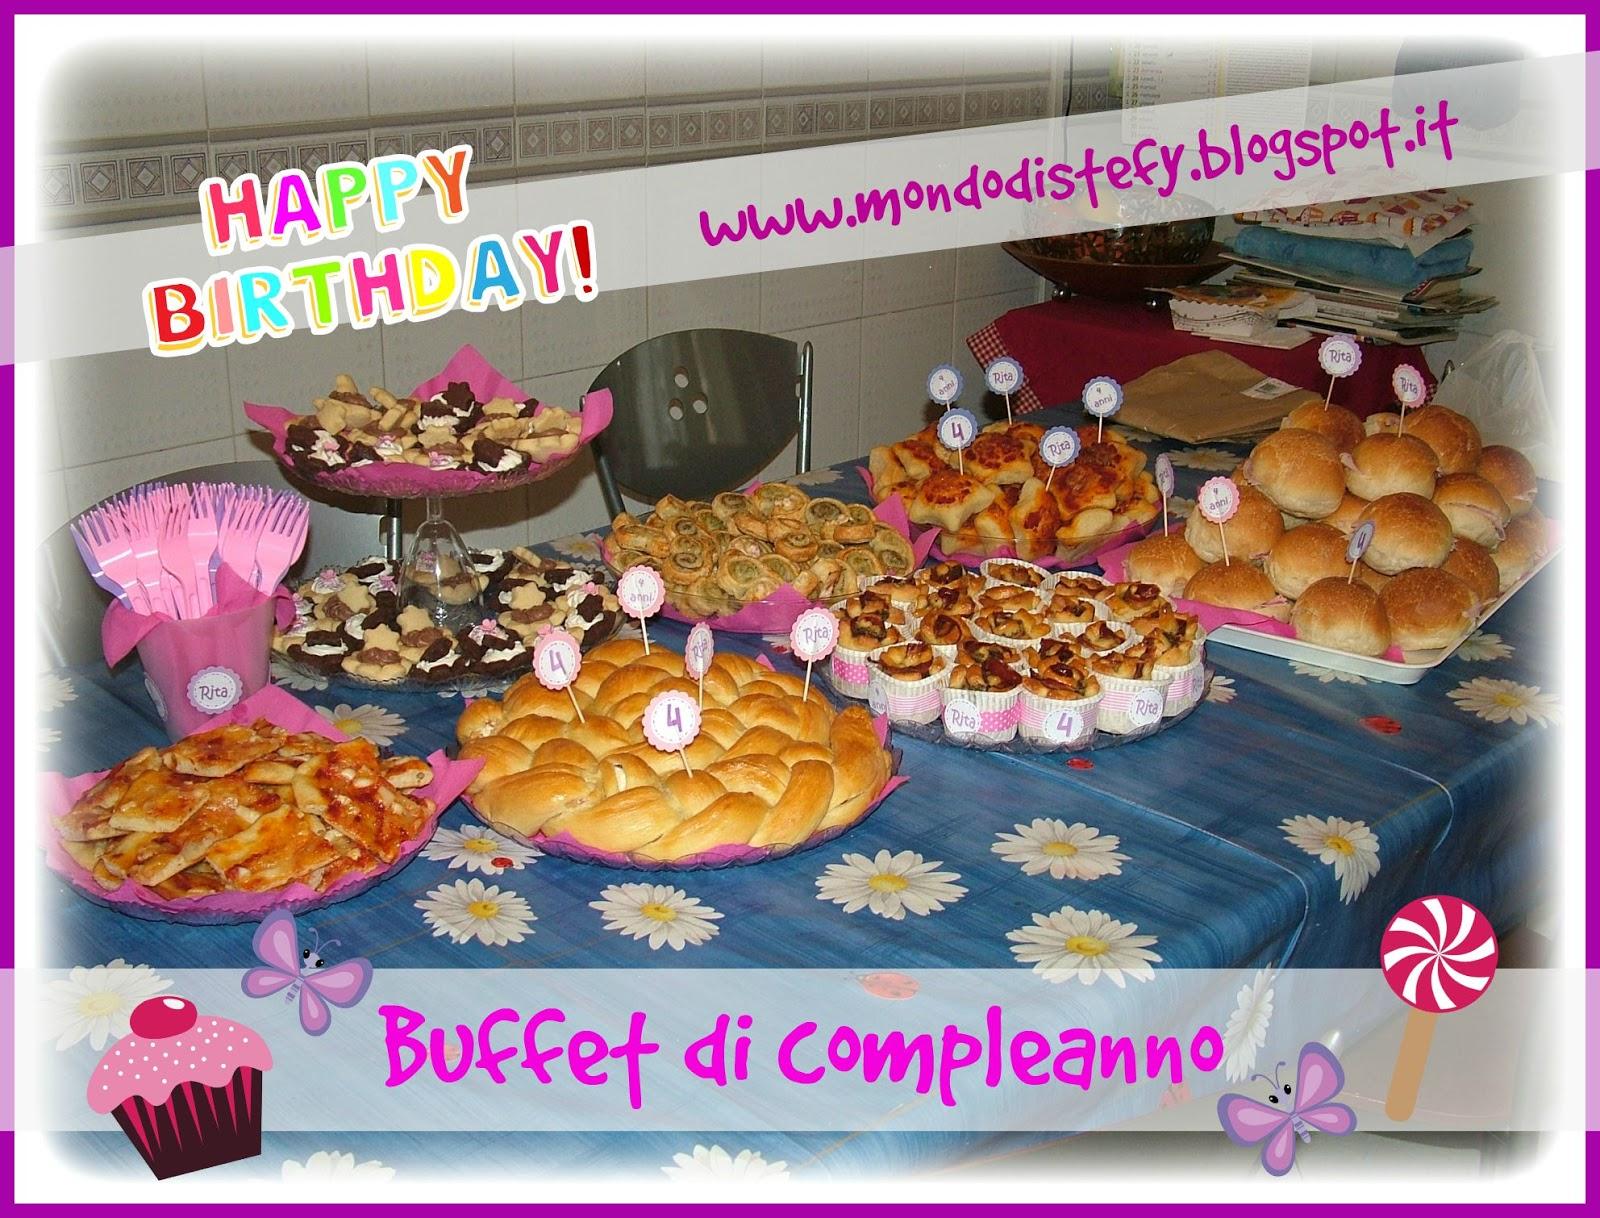 Decorazioni Buffet Compleanno Bambini : Decorazioni buffet bambini: idee feste di compleanno bambini foto